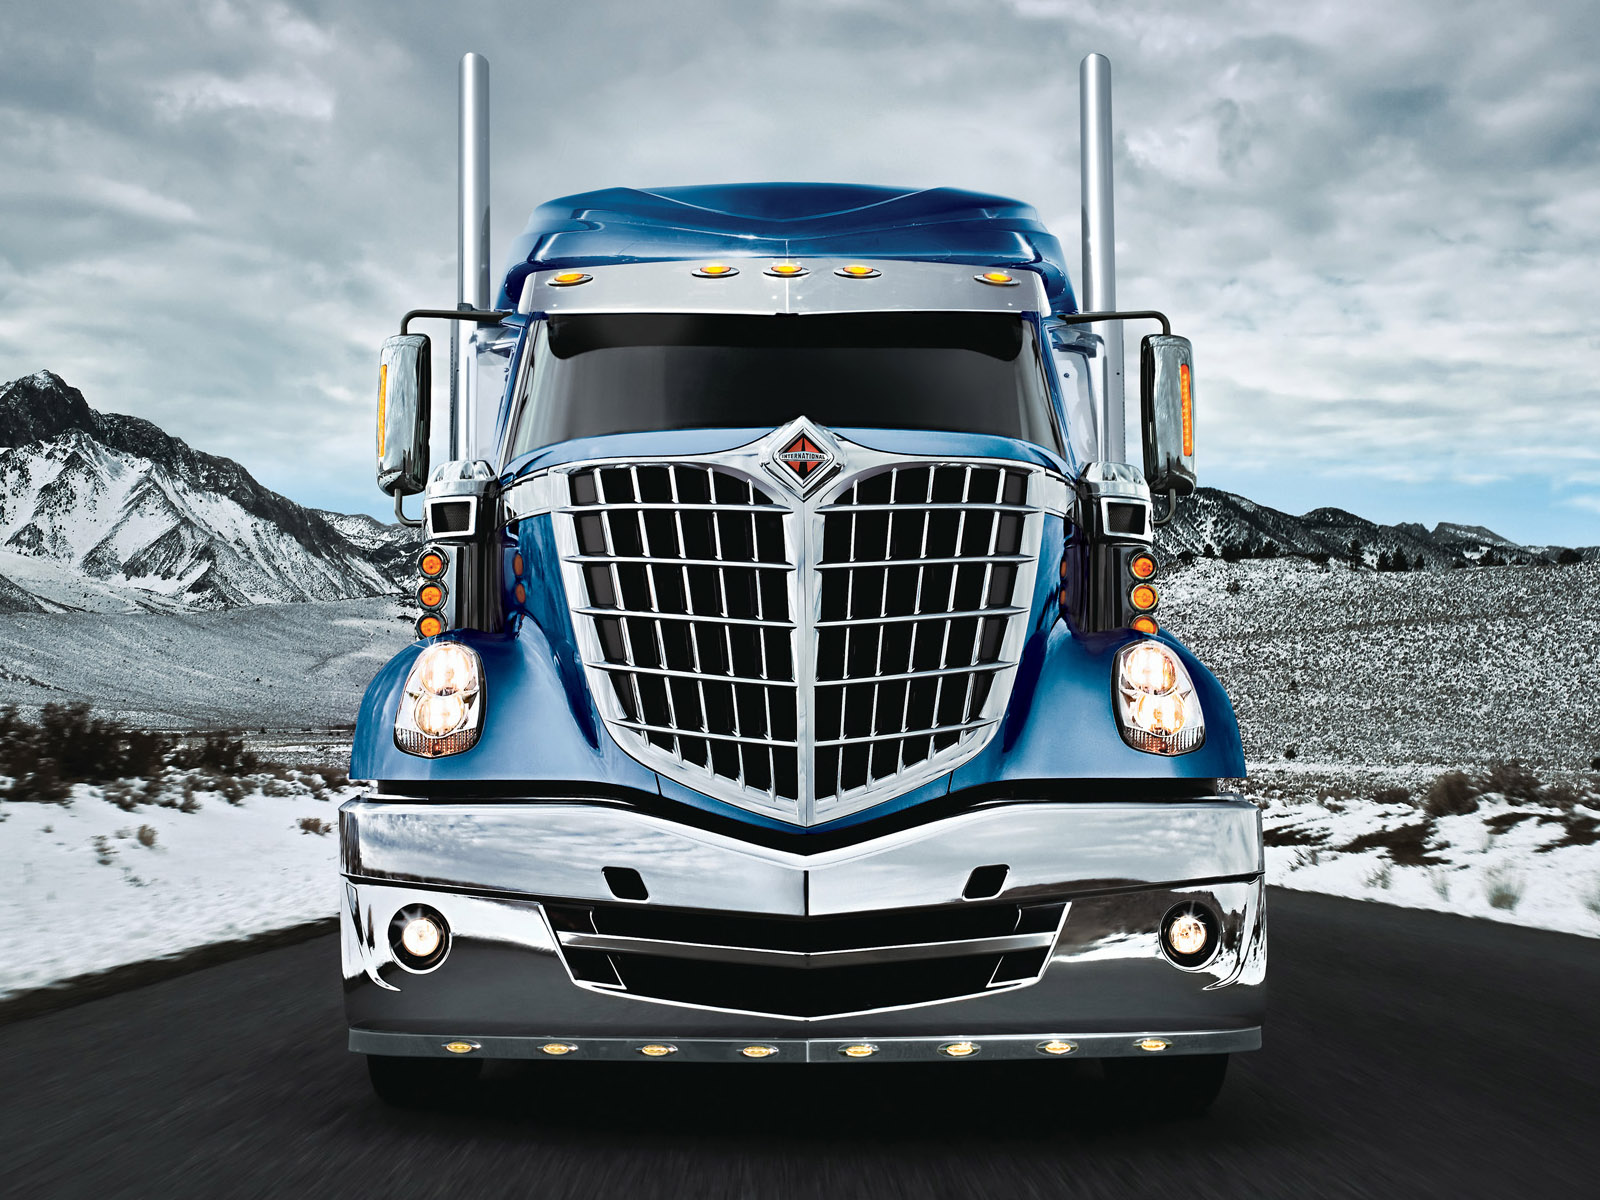 2008 international lonestar semi tractor truck transport - 18 wheeler wallpaper ...